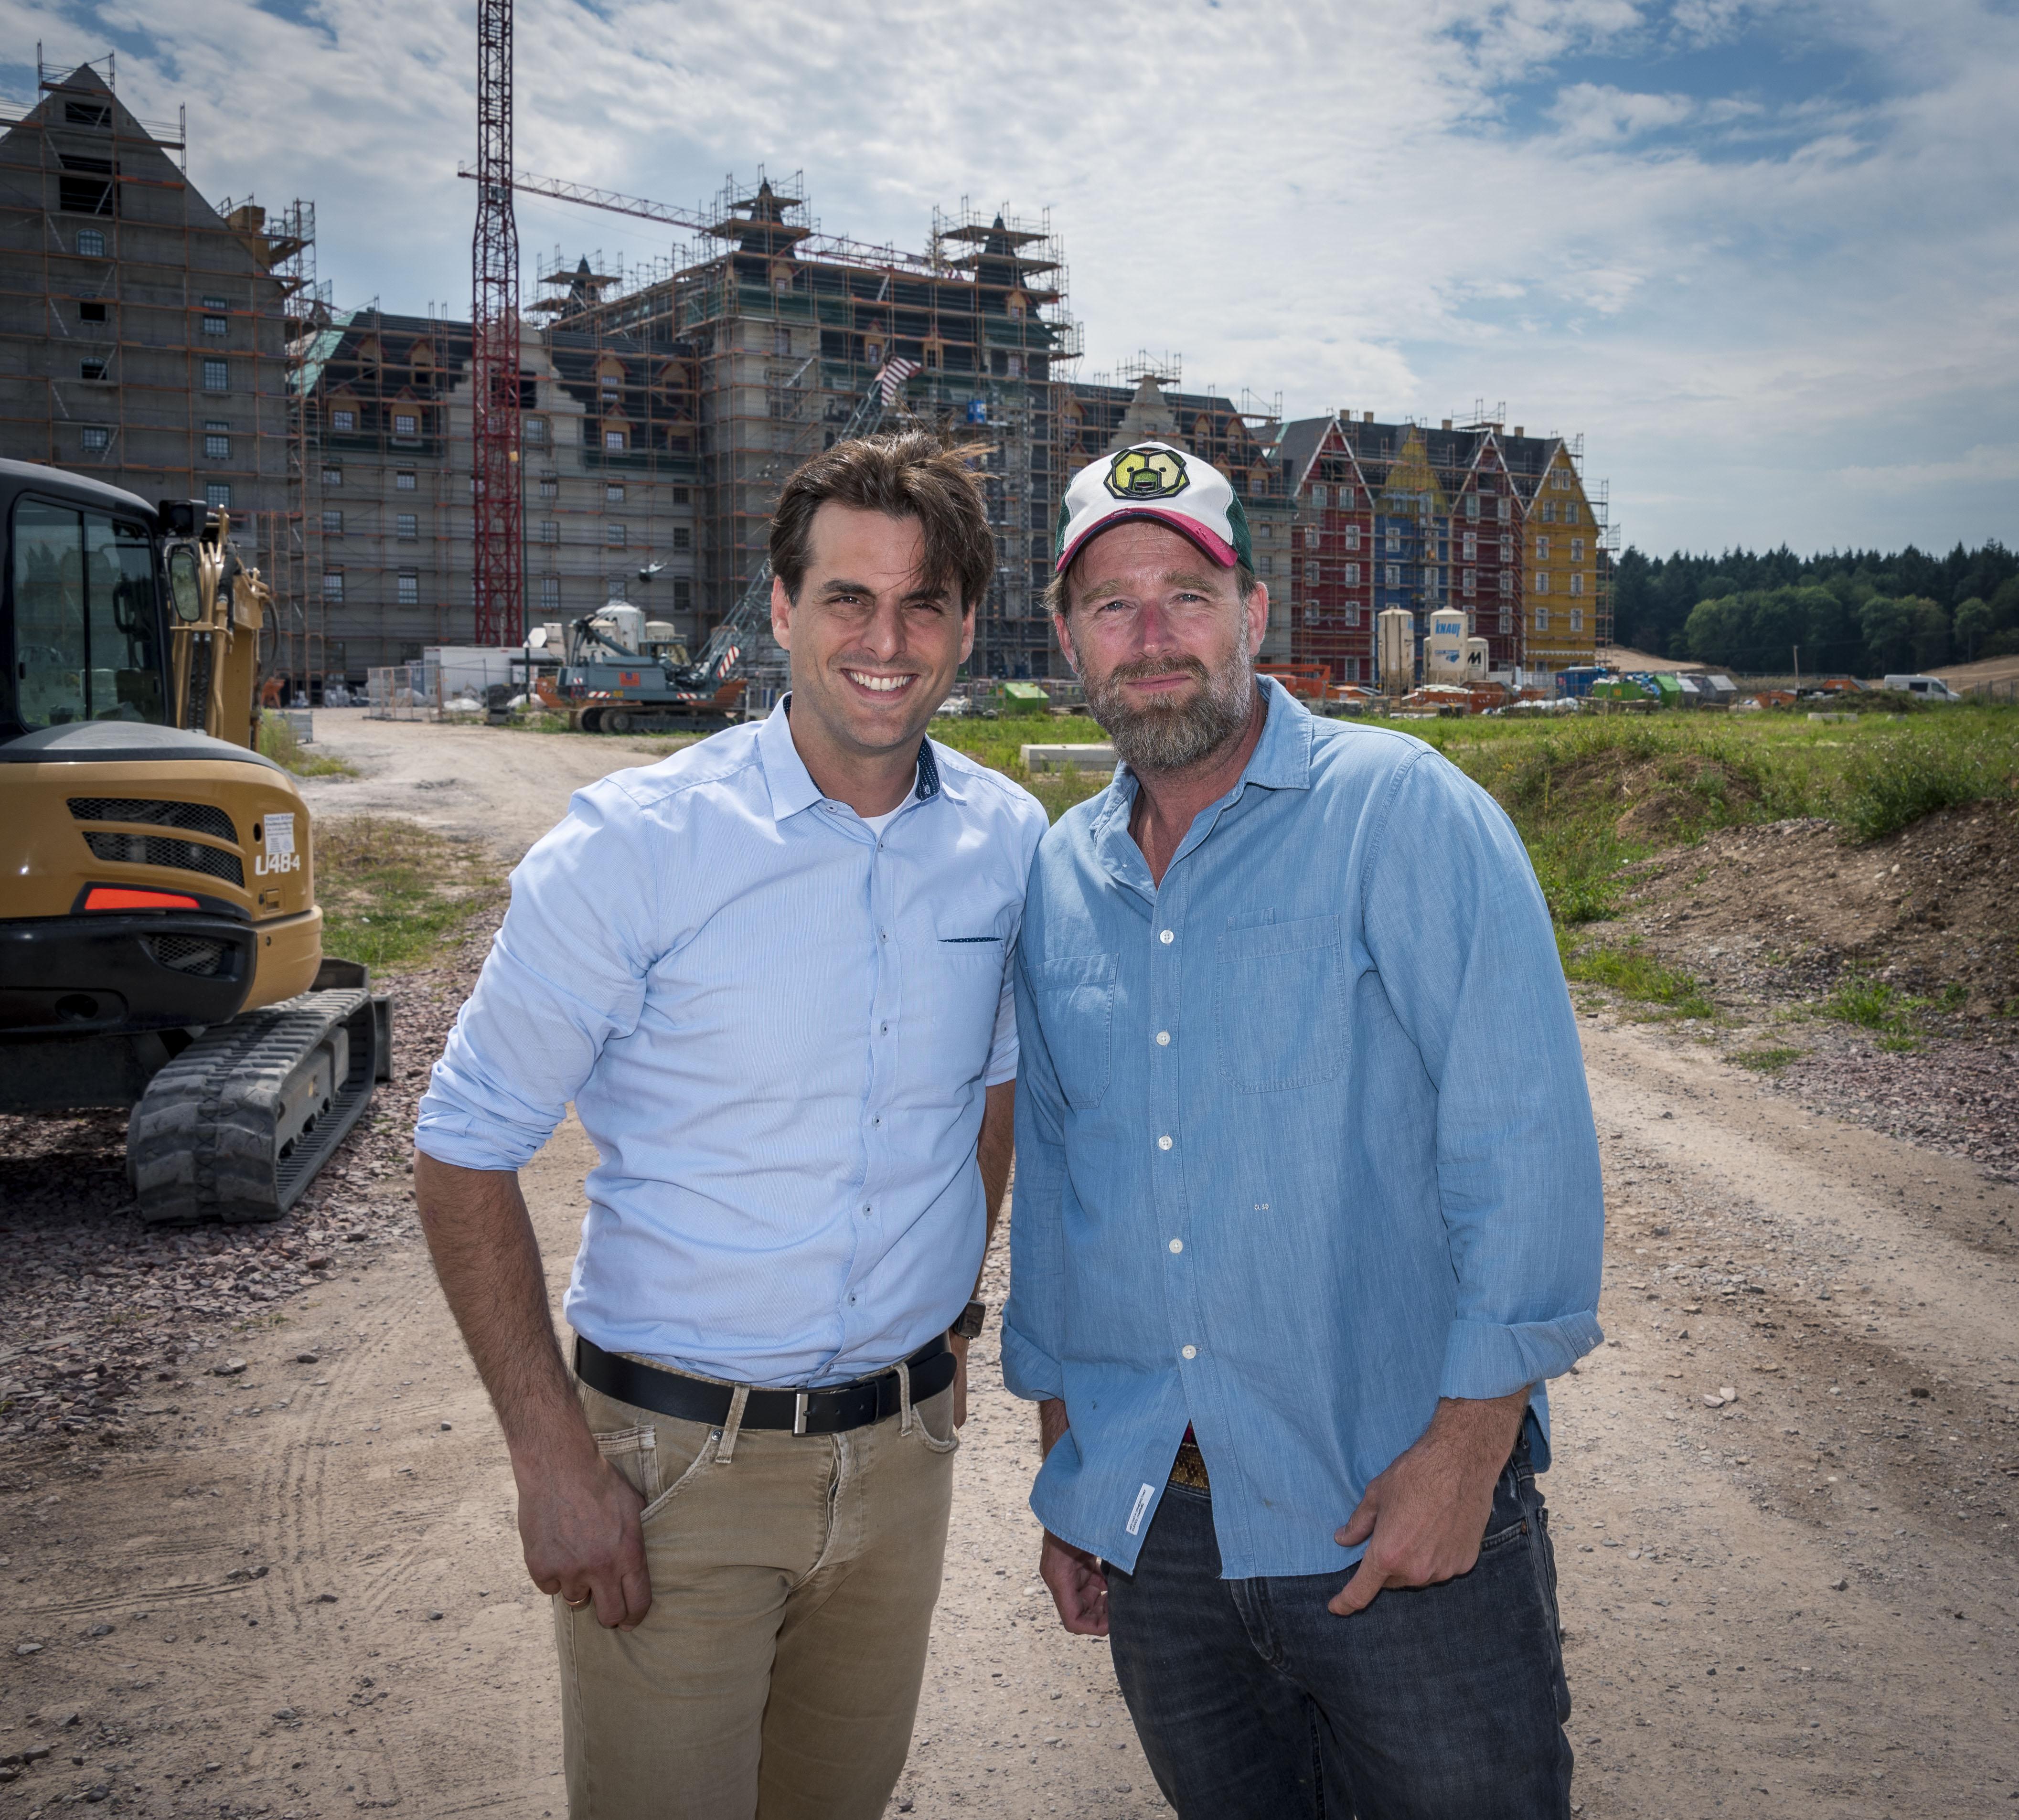 Beeindruckt von den Ausmaßen der Resort-Erweiterung war der TV-Koch und Berater Brian Bojsen